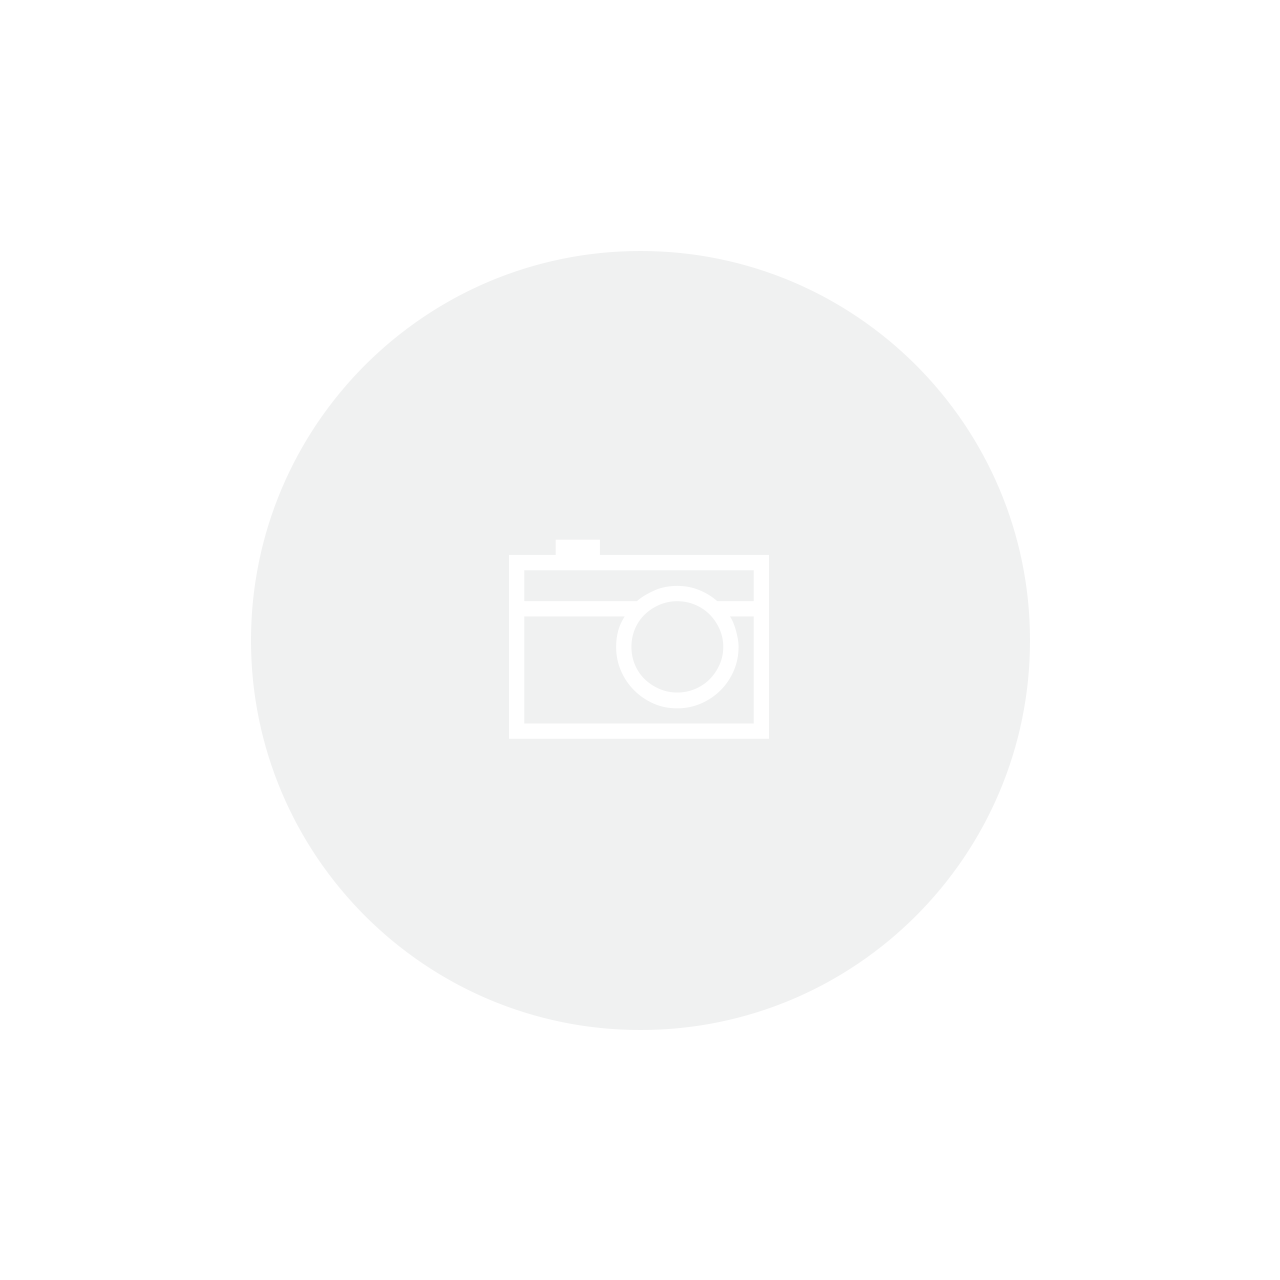 LEITOR DE CÓDIGO DE BARRAS LASER USB PRETO HL6-1 BLUETIME